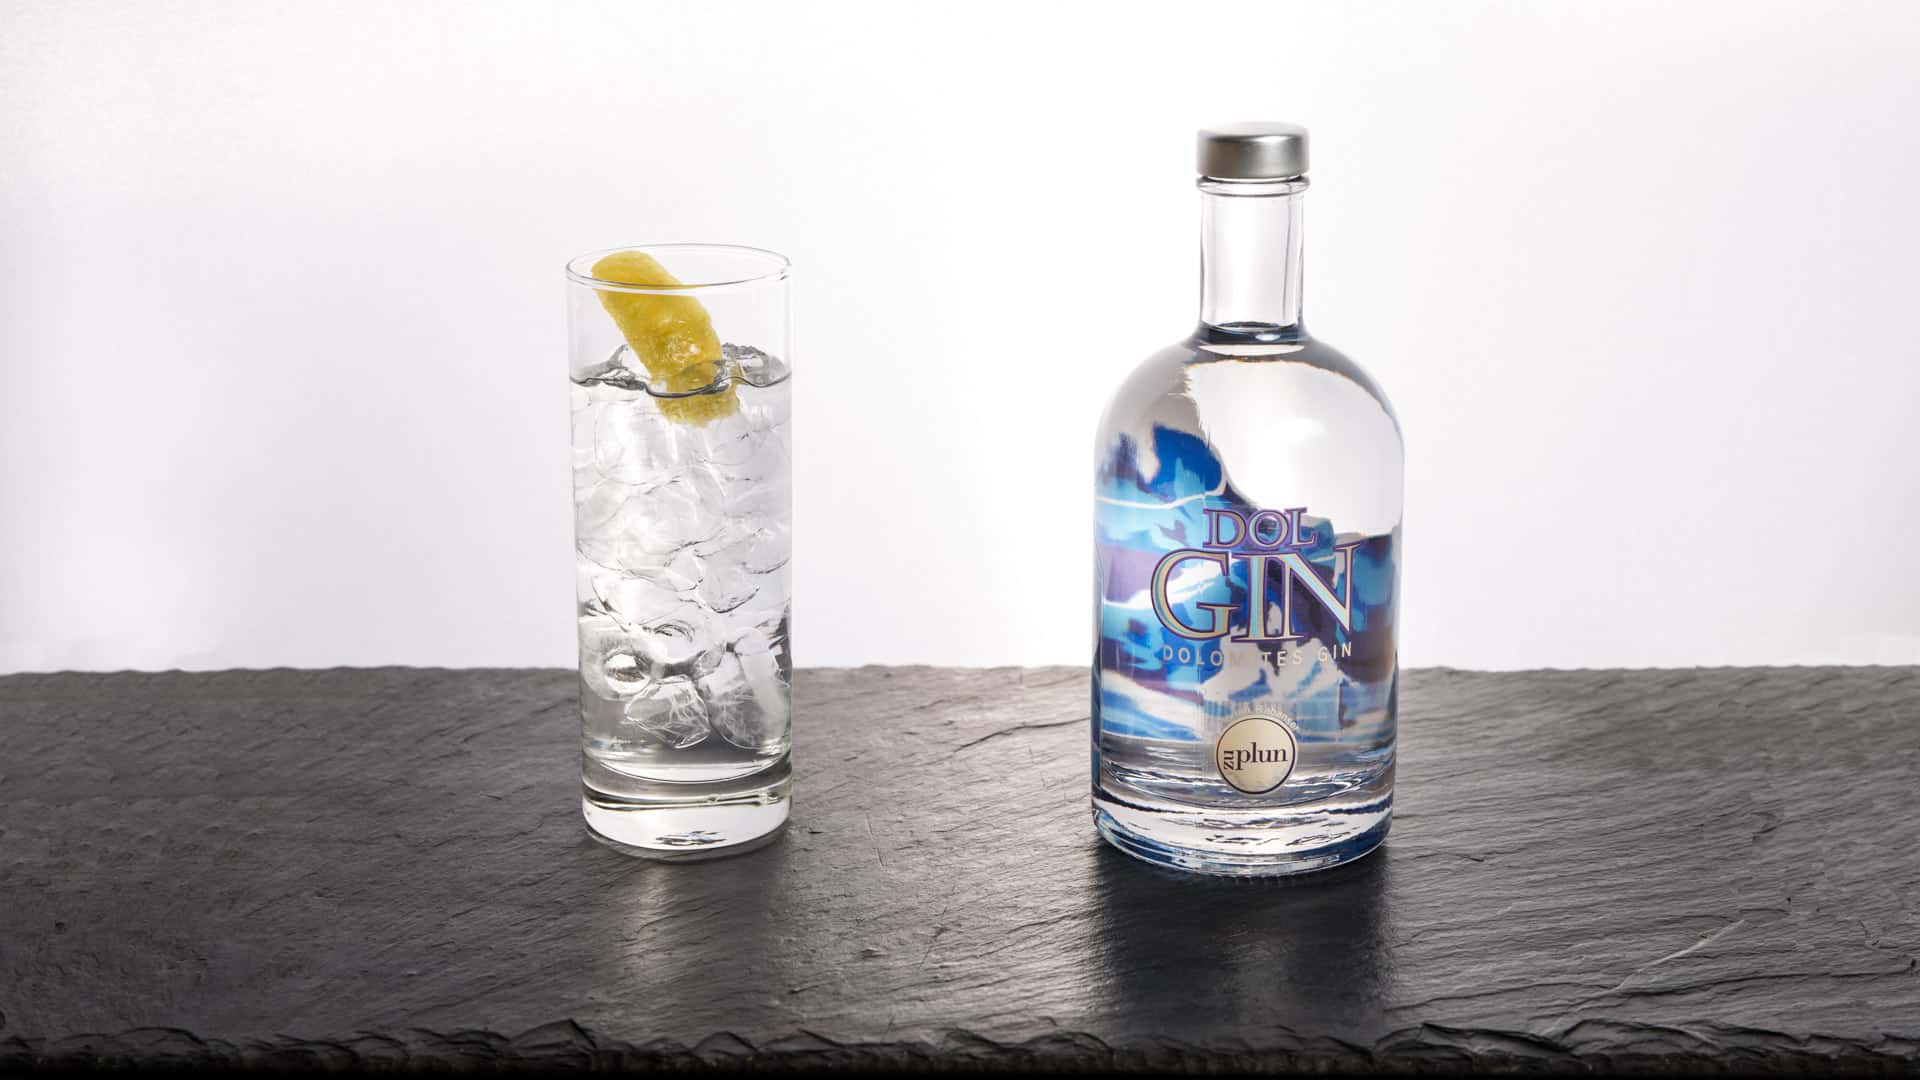 gin Zu Plun